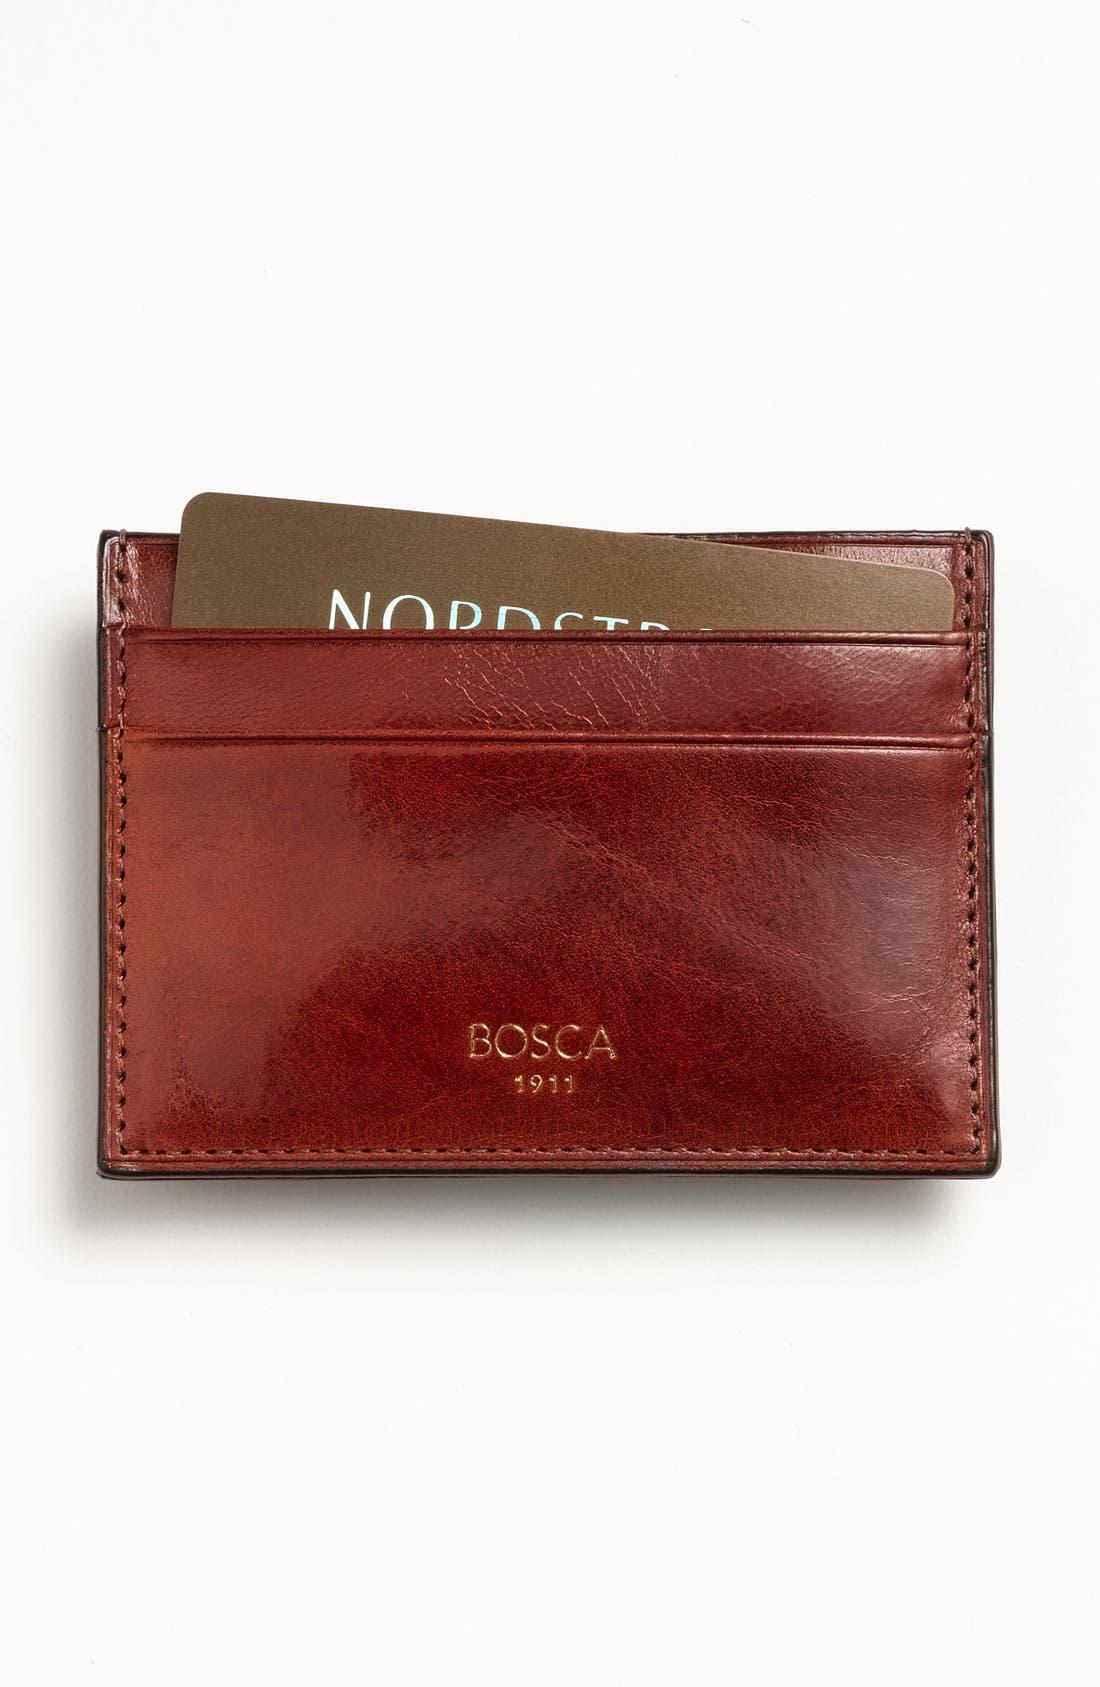 Alternate Image 1 Selected - Bosca 'Old Leather' Front Pocket Wallet